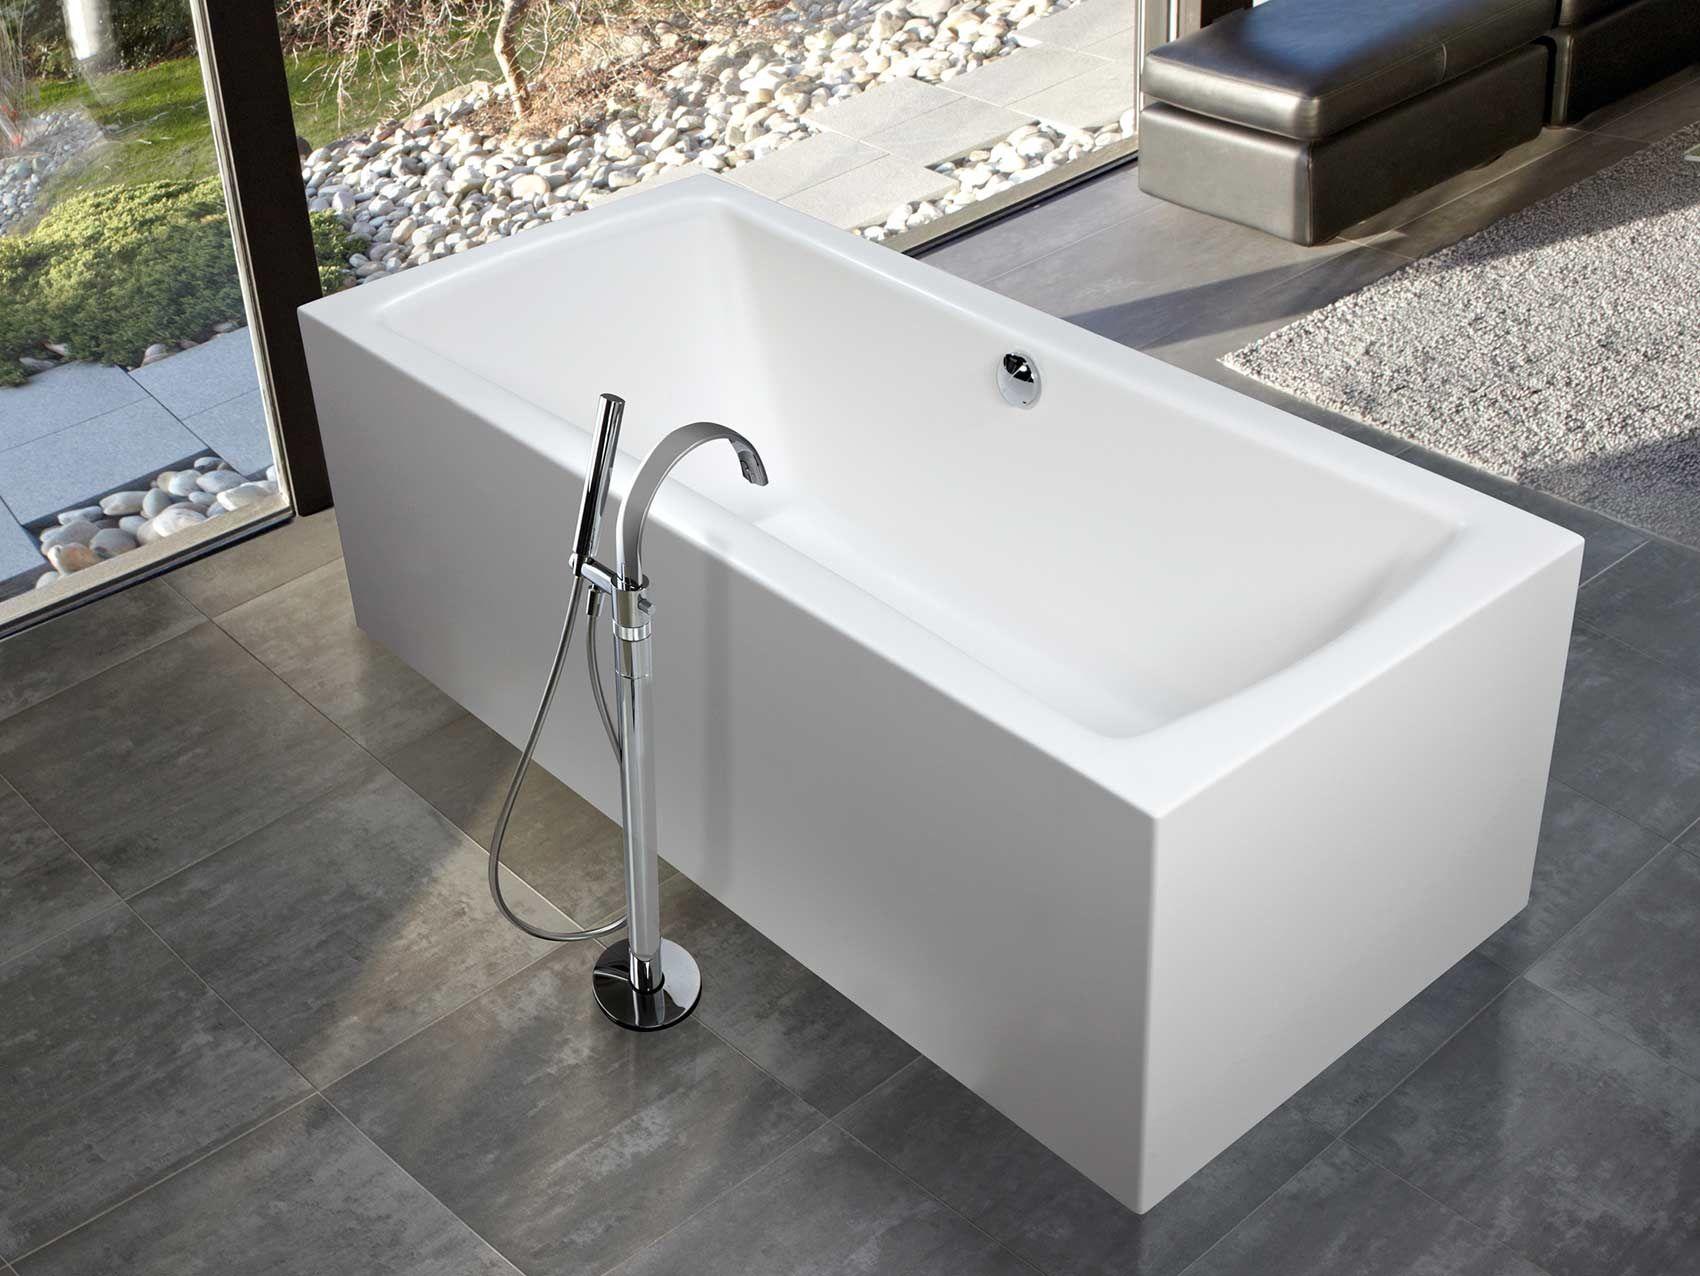 Moderne Freistehende Badewannen Von Mauersberger Badewanne Freistehende Badewanne Badewanne Eckig